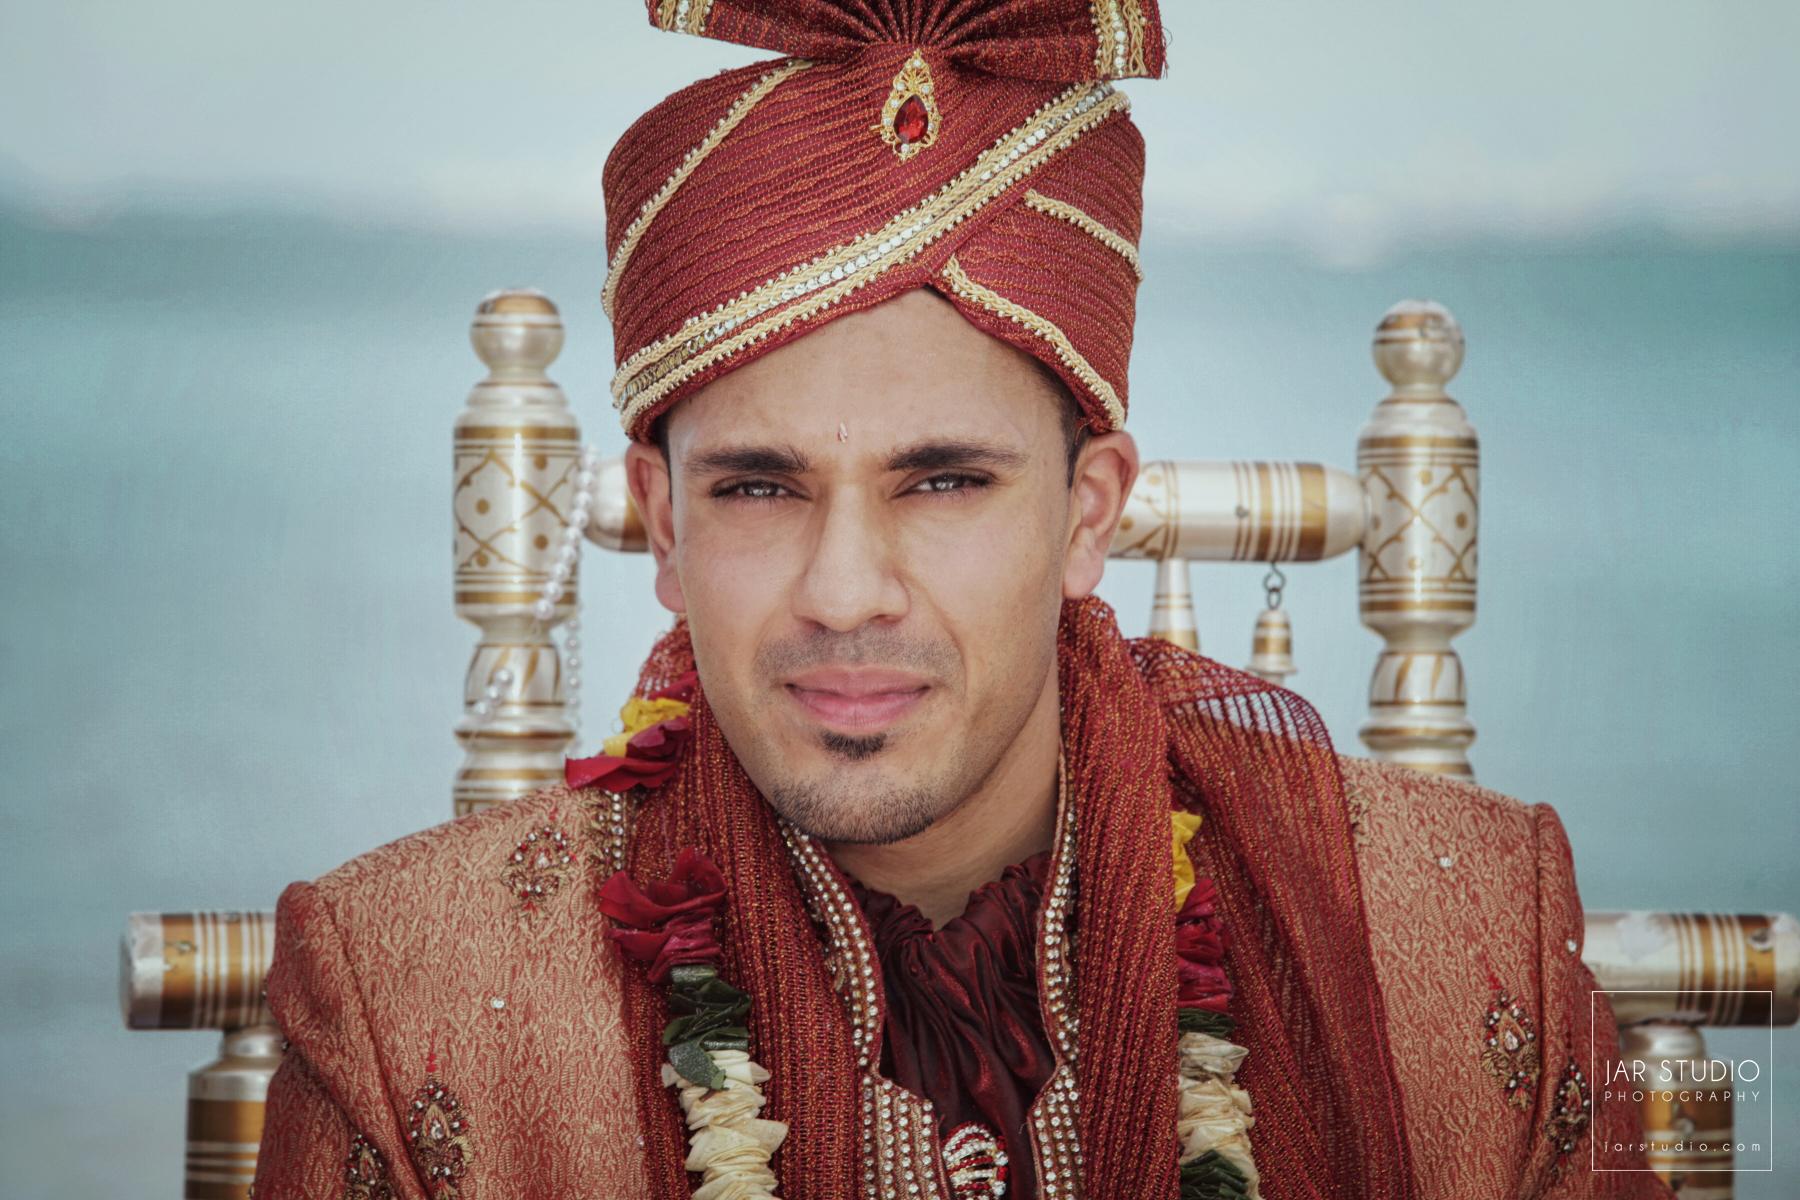 35-groom-Sherwani-jarstudio-indian-weddings-photography-florida.JPG